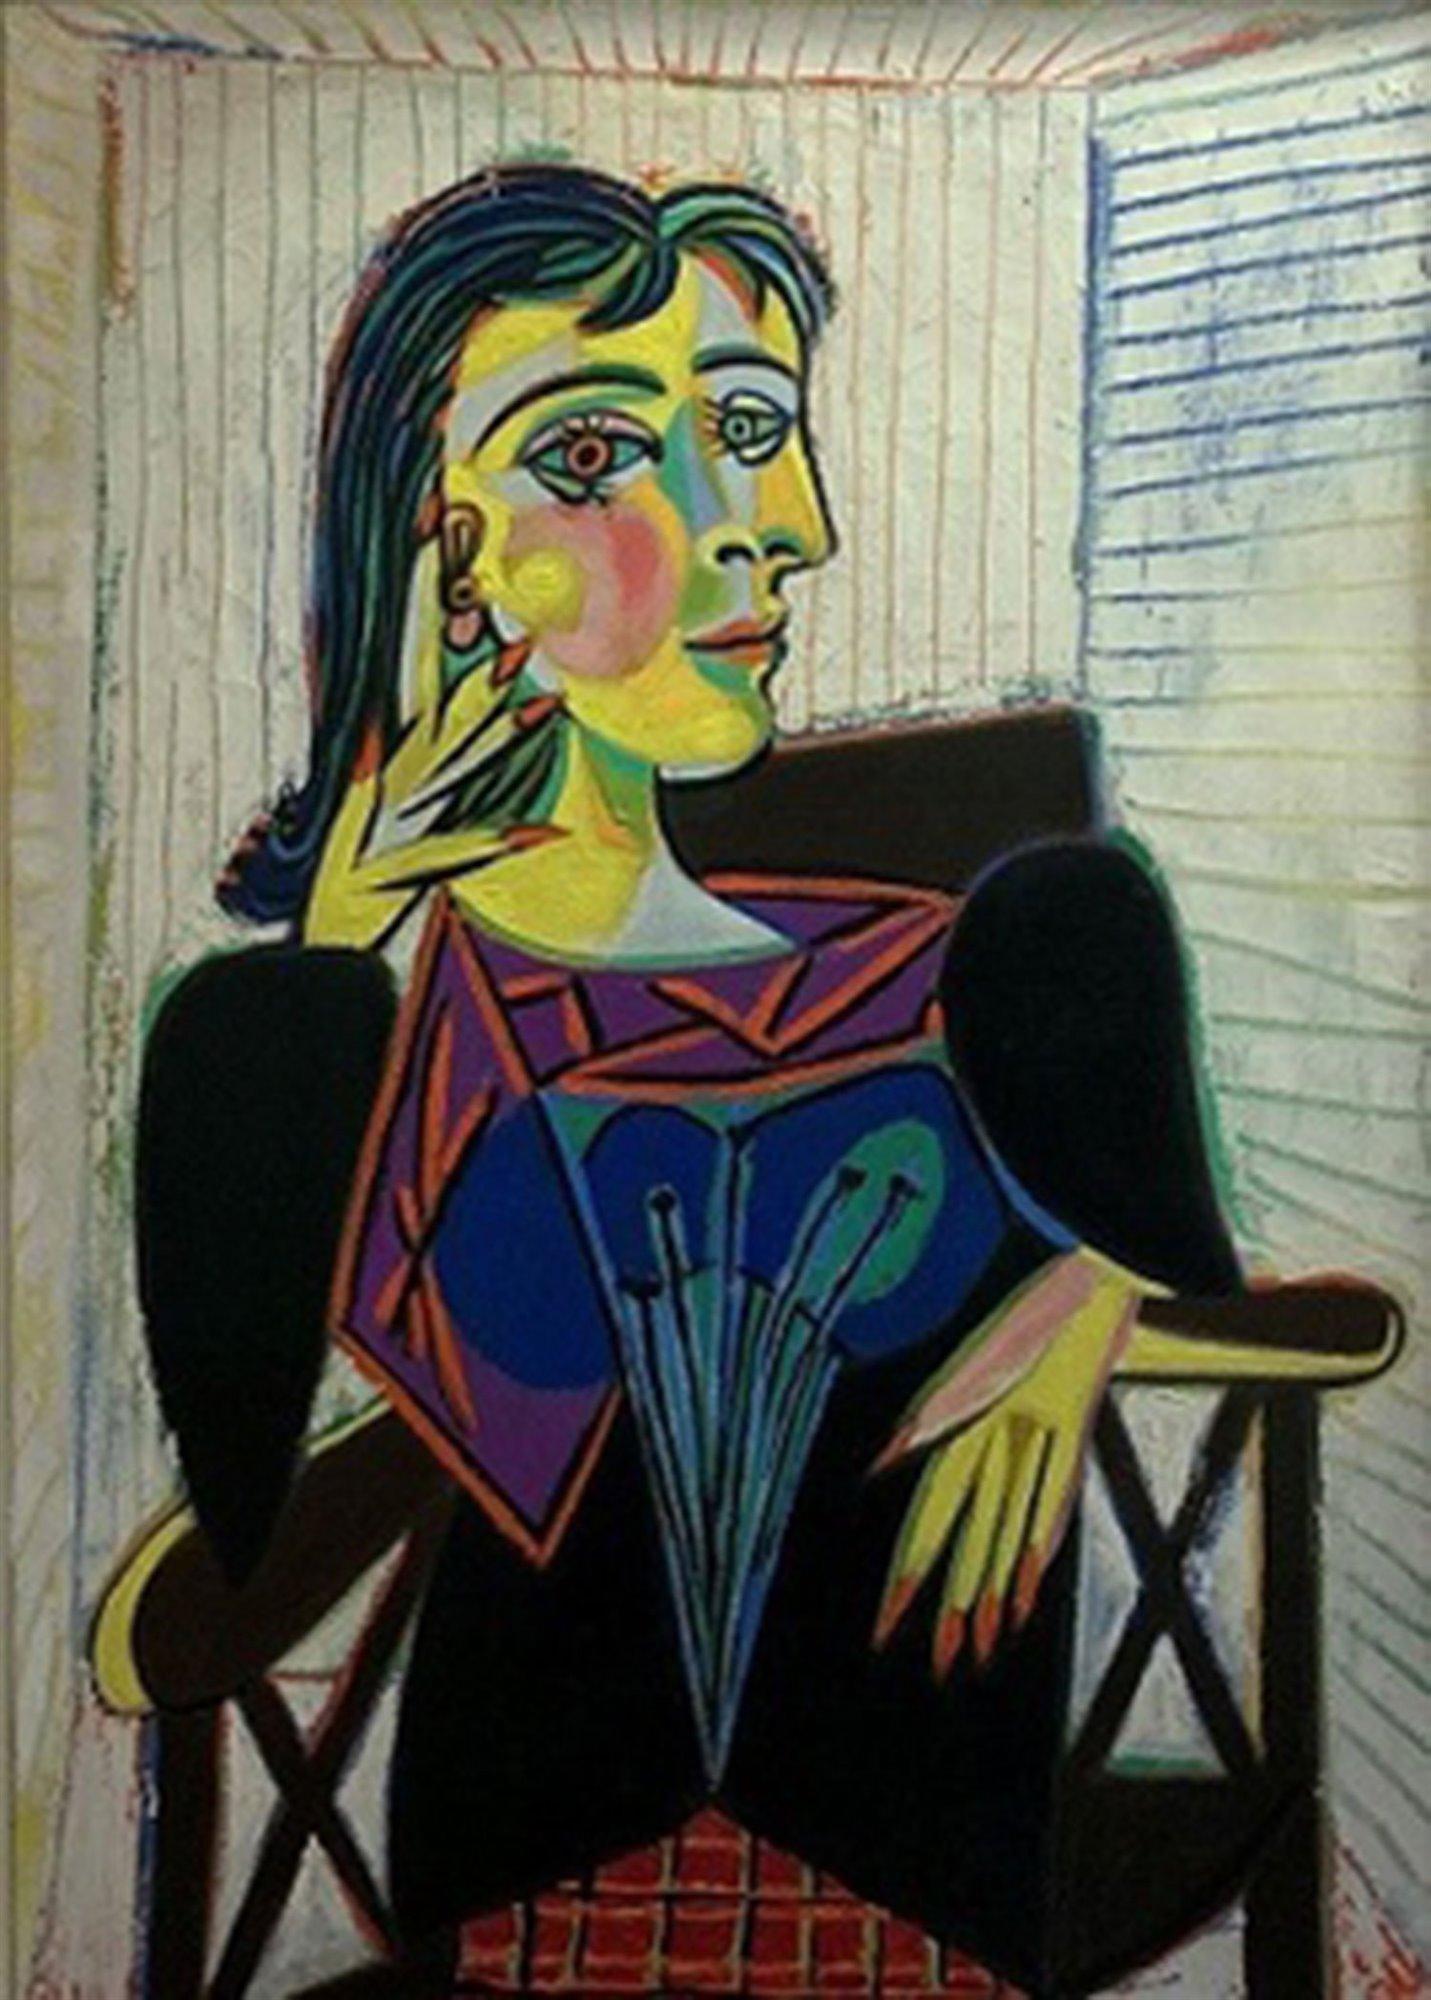 Pablo Picasso, Ritratto di Dora Maar seduta, 1937, Museo Picasso, Parigi